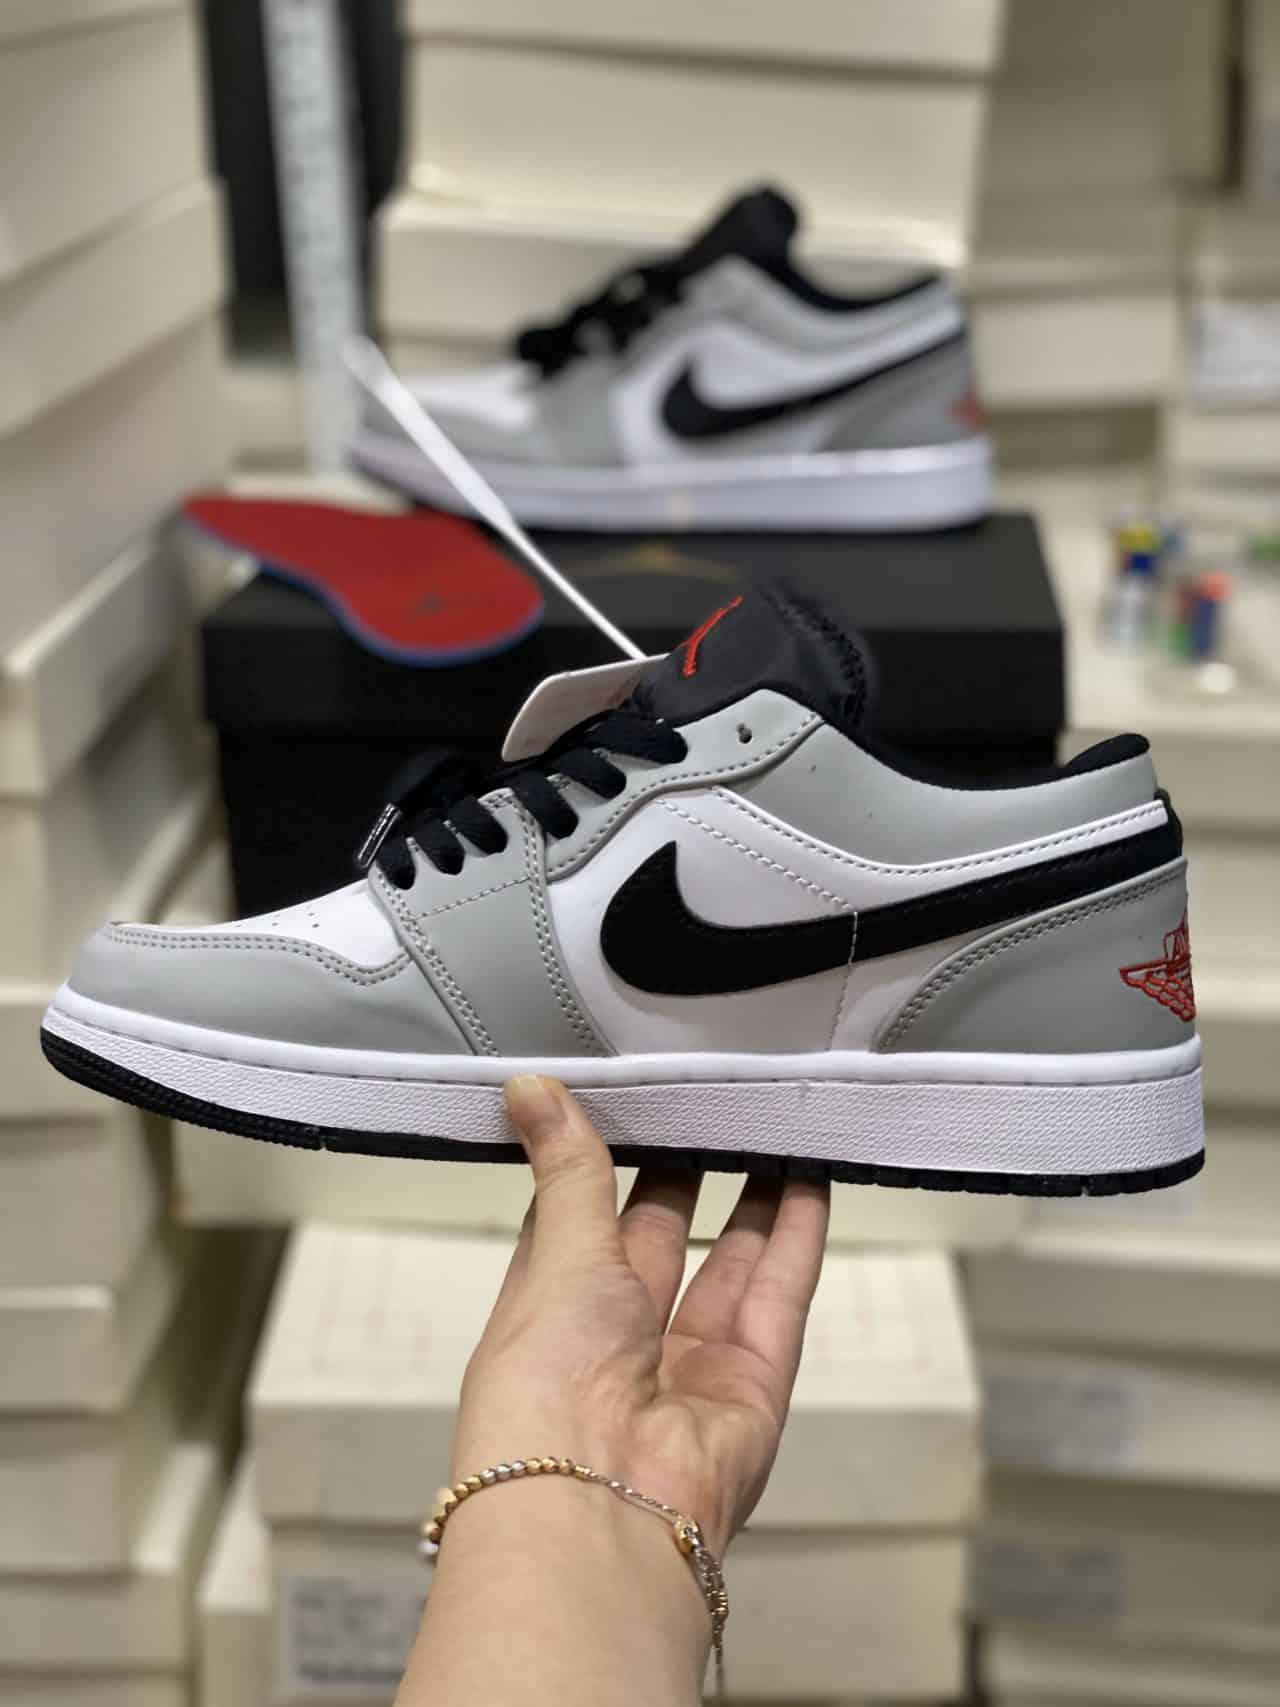 Giày Jordan 1 Low Smoke Grey rep 1:1 thiết kế năng động, phù hợp với mọi bạn trẻ